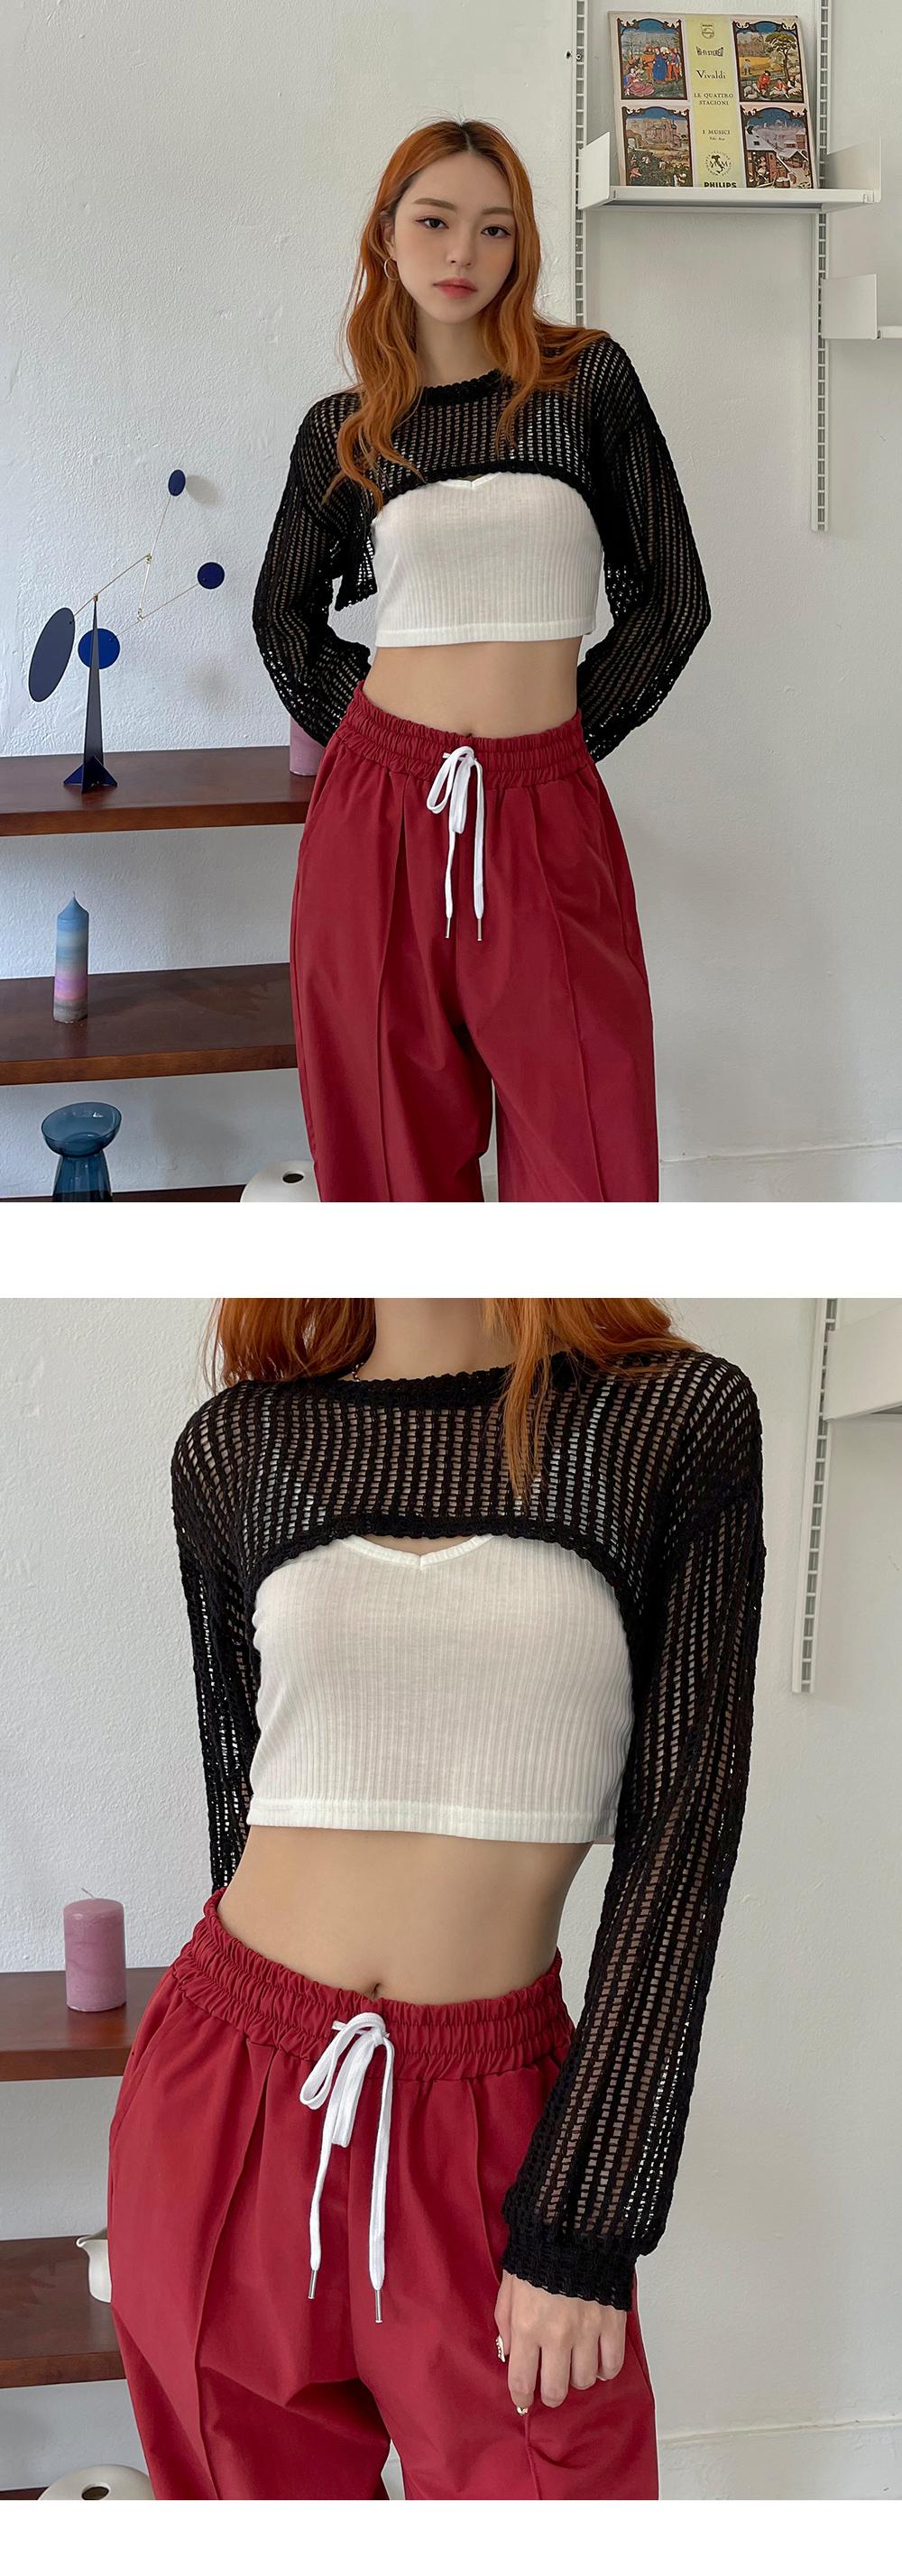 Messiah Net Bolero Long Sleeve Knitwear